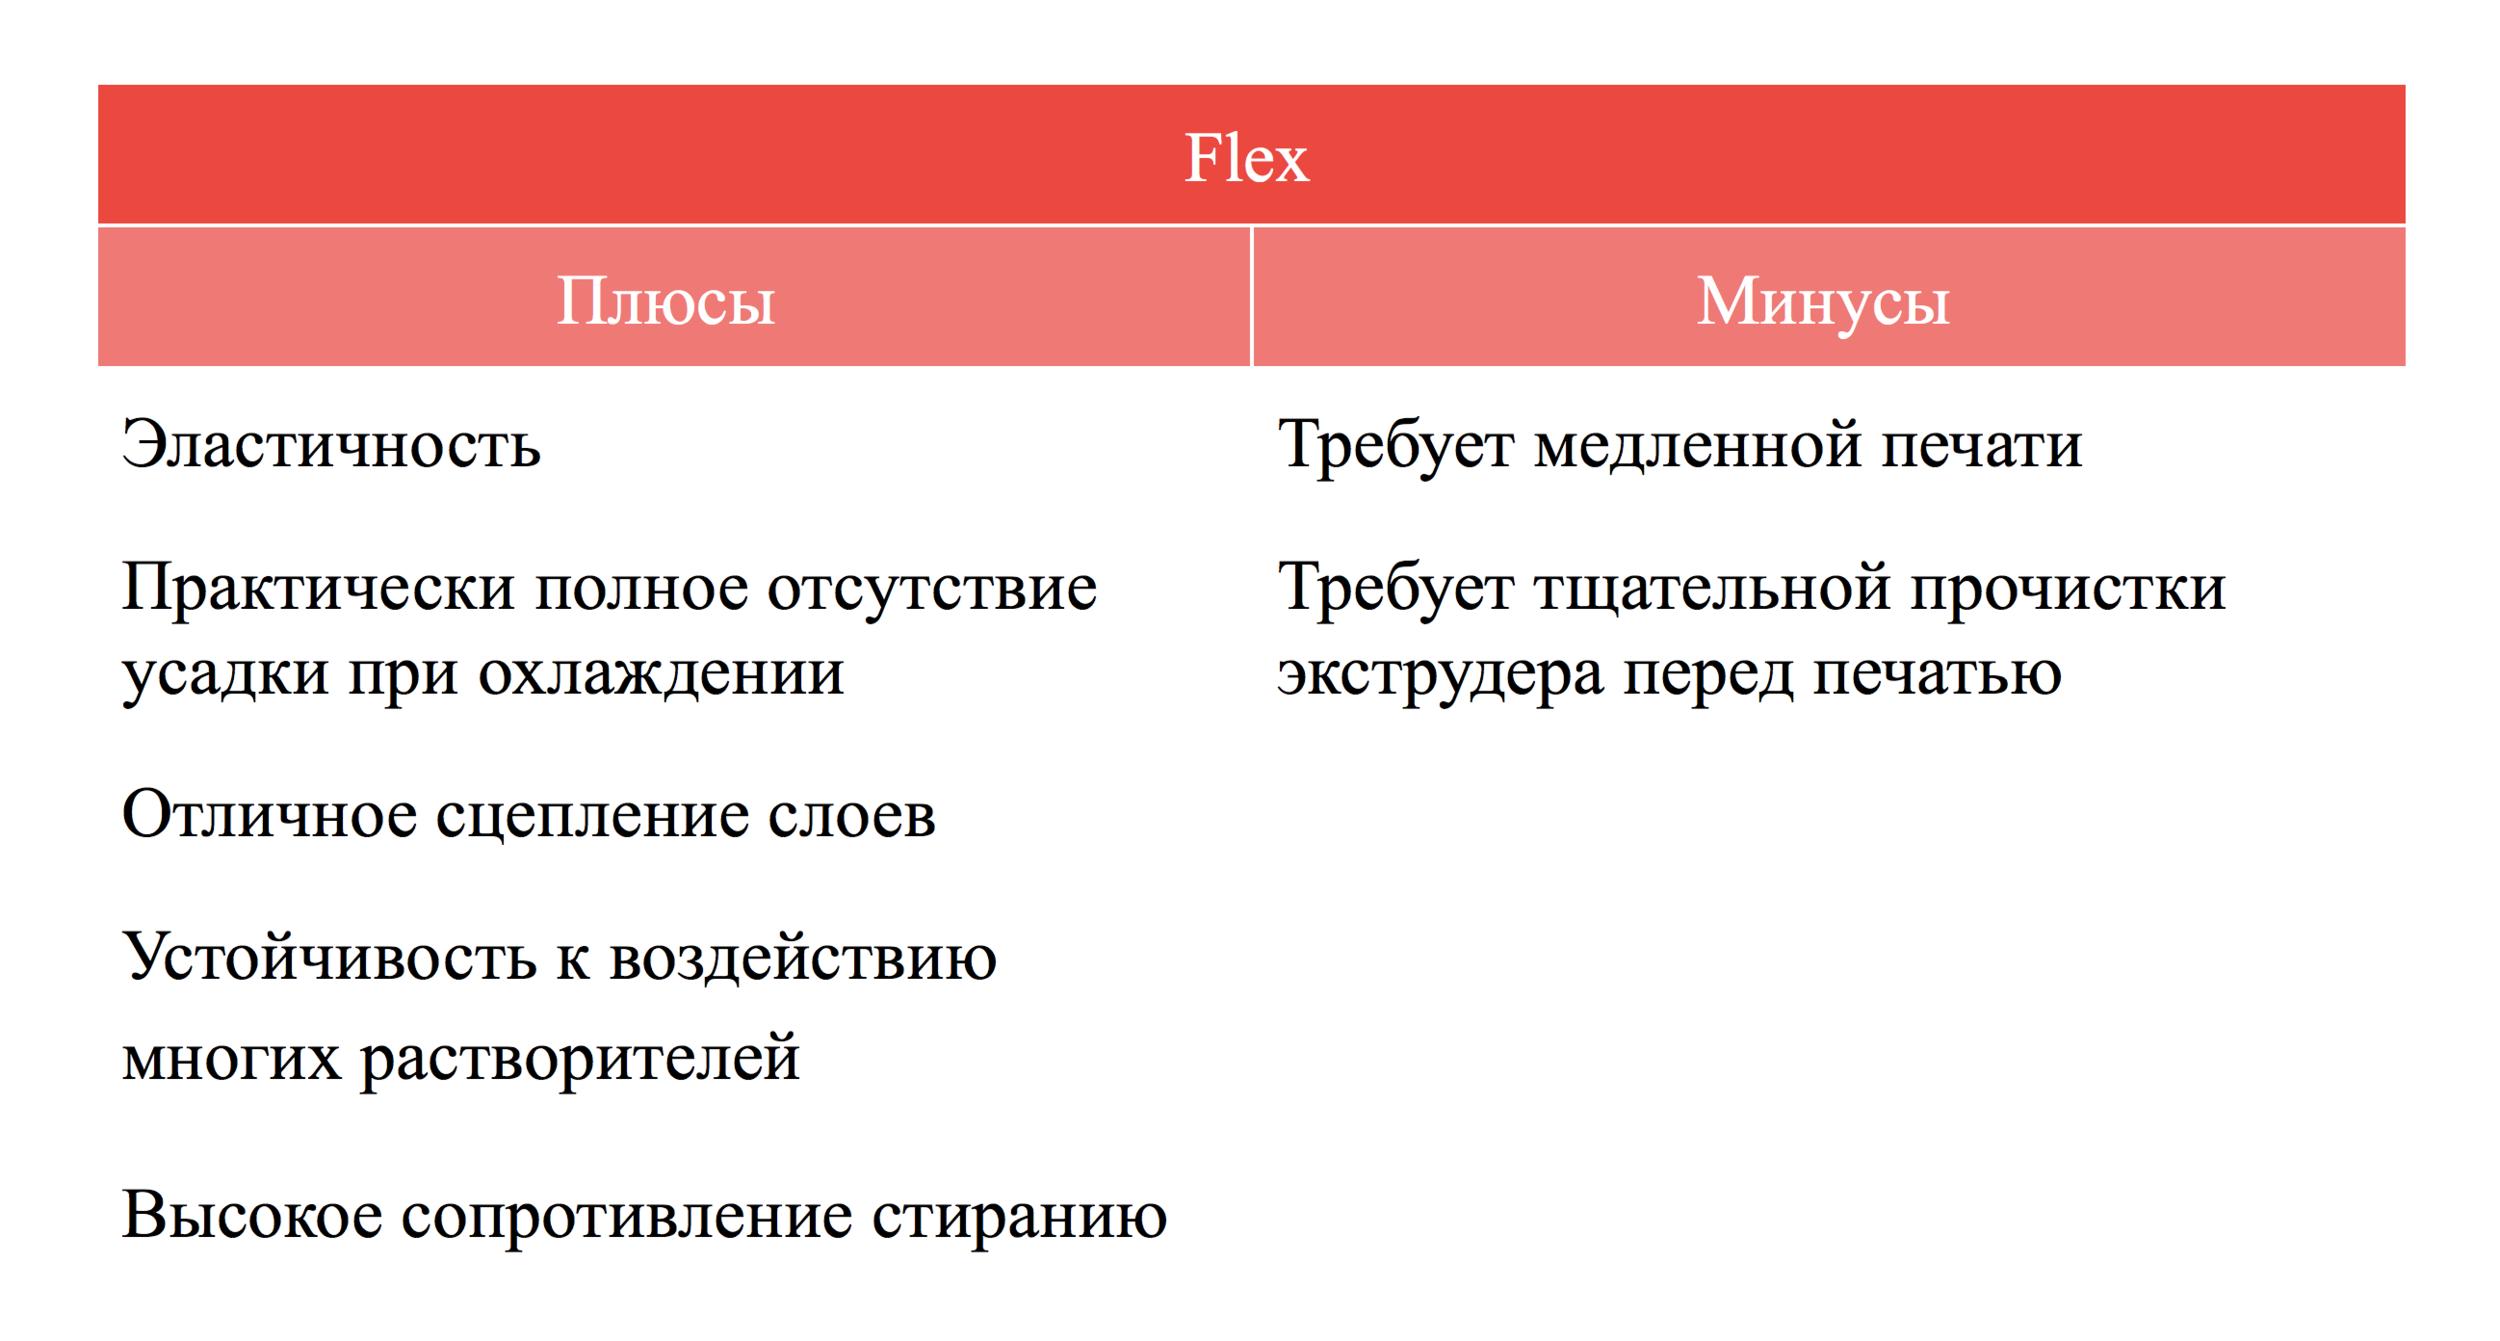 Плюсы и минусы Flex пластика qbed.space.png